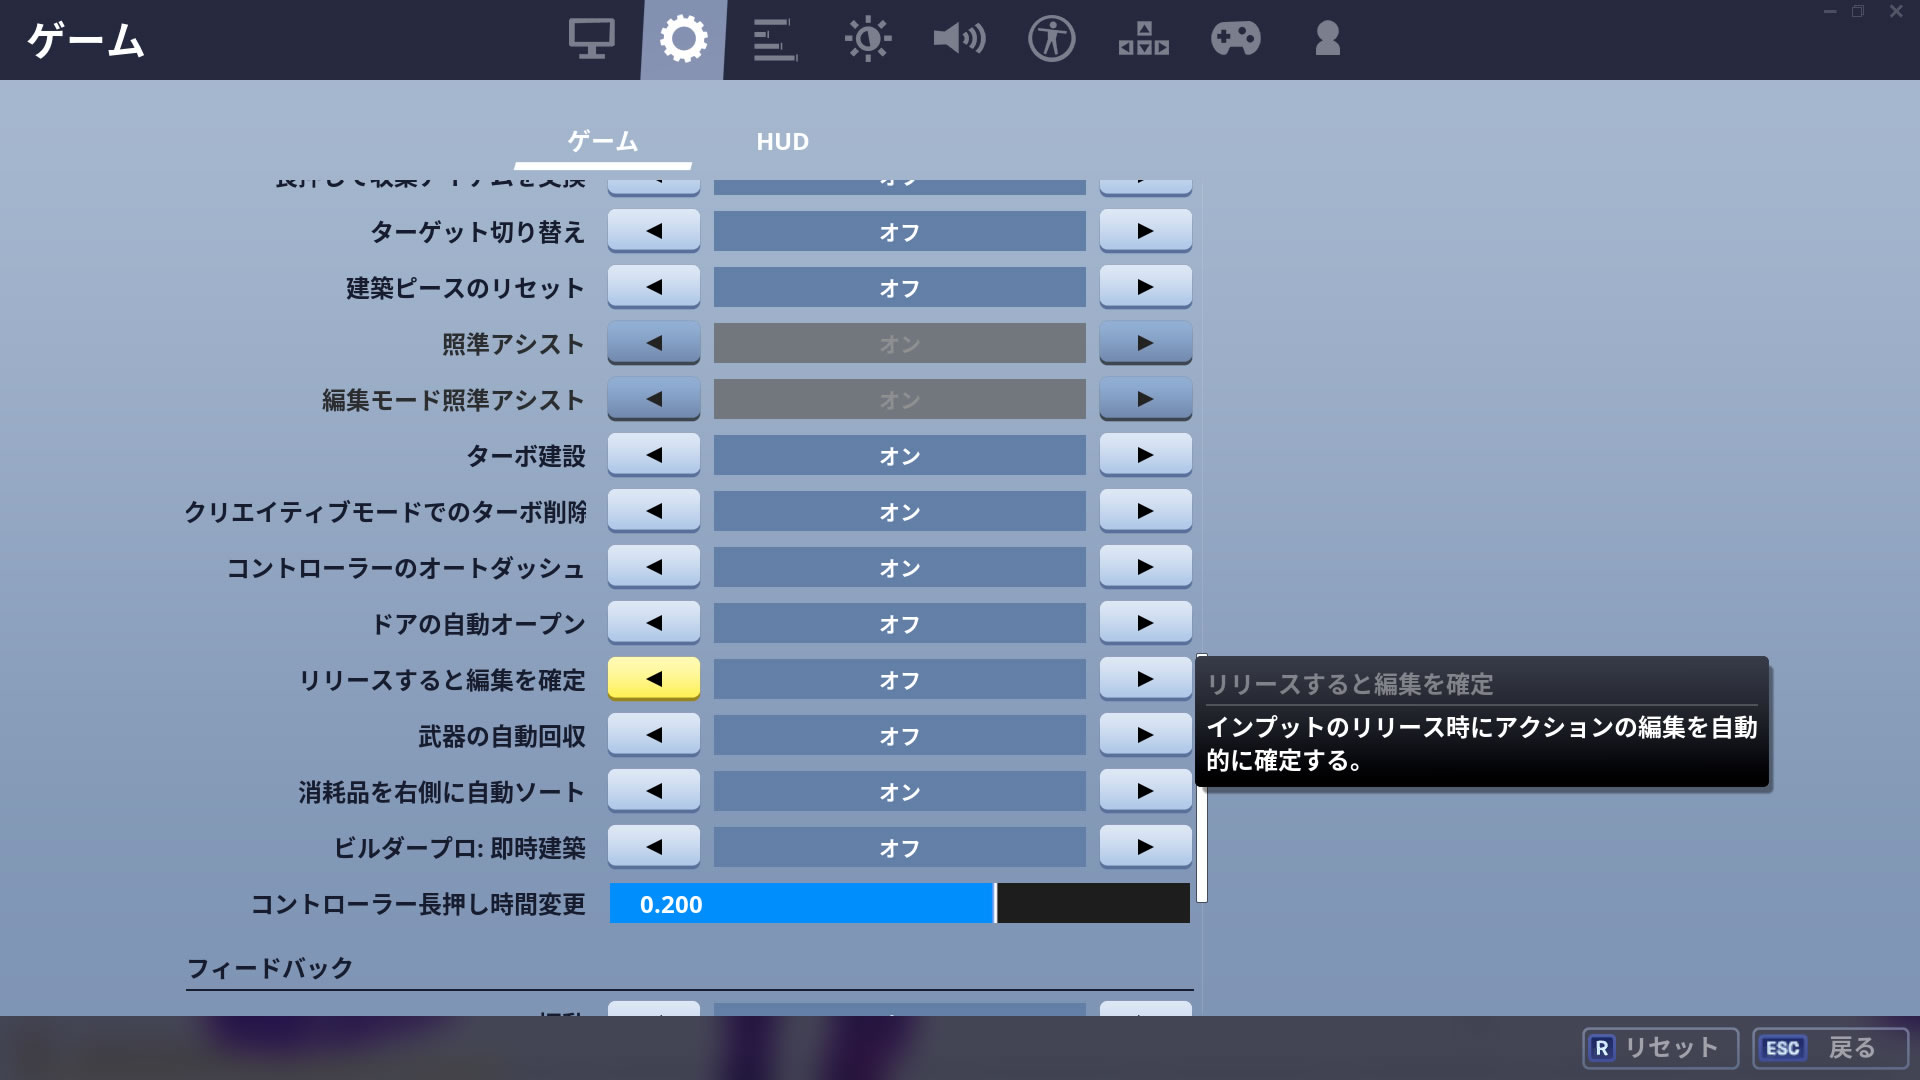 ナイト リセット フォート 編集